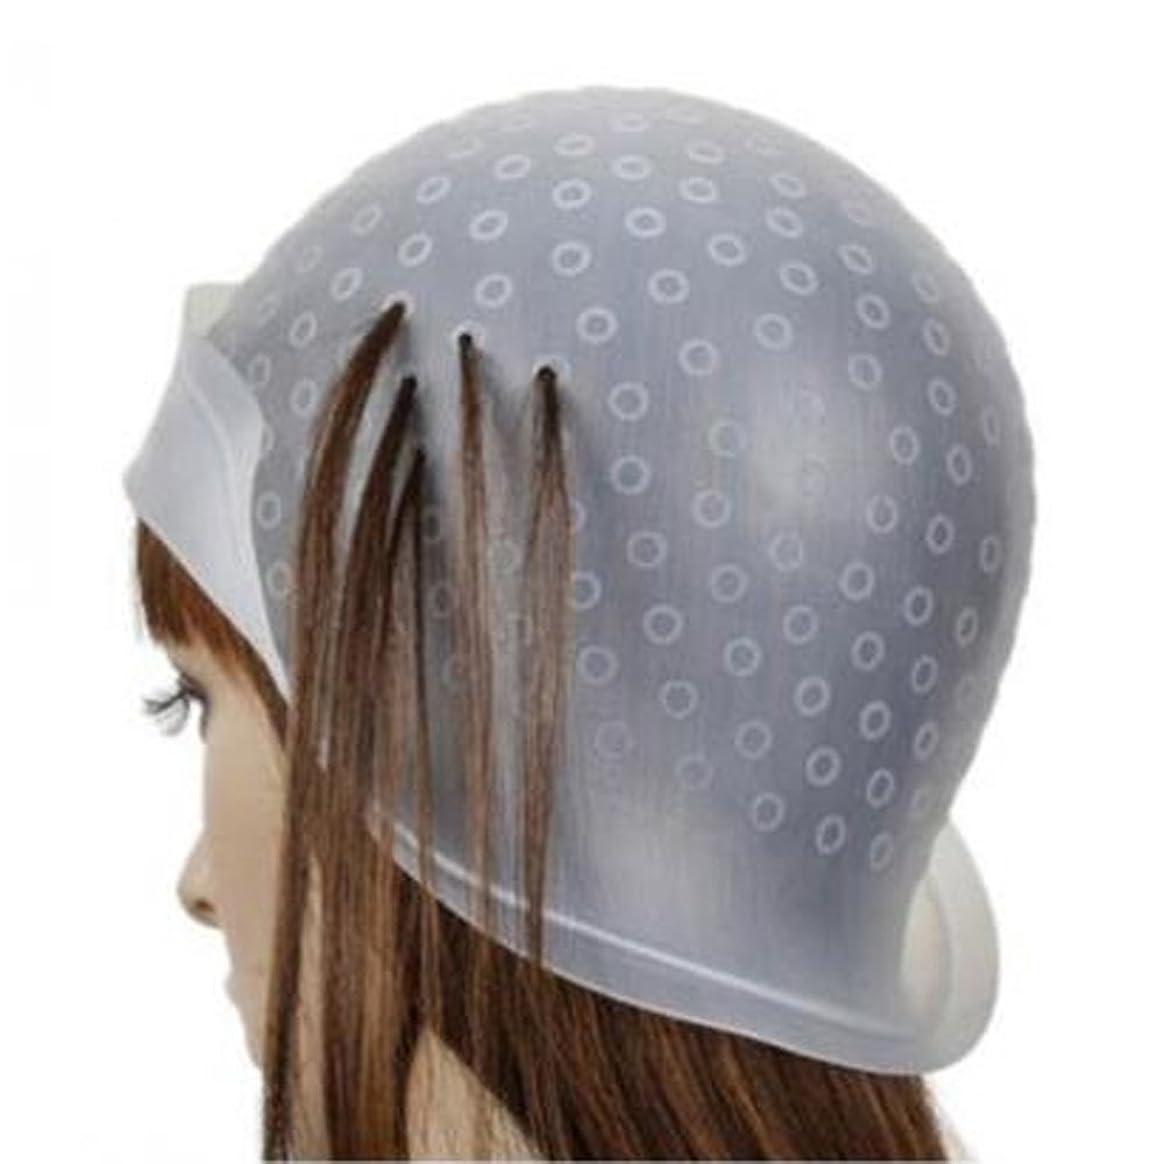 漏れワーカー含むヘア キャップ メッシュ 髪染め用 ヘアキャップ シリコン製 毛染め 洗って使える ヘアカラー 部分染め 自宅 透明(棒付き)